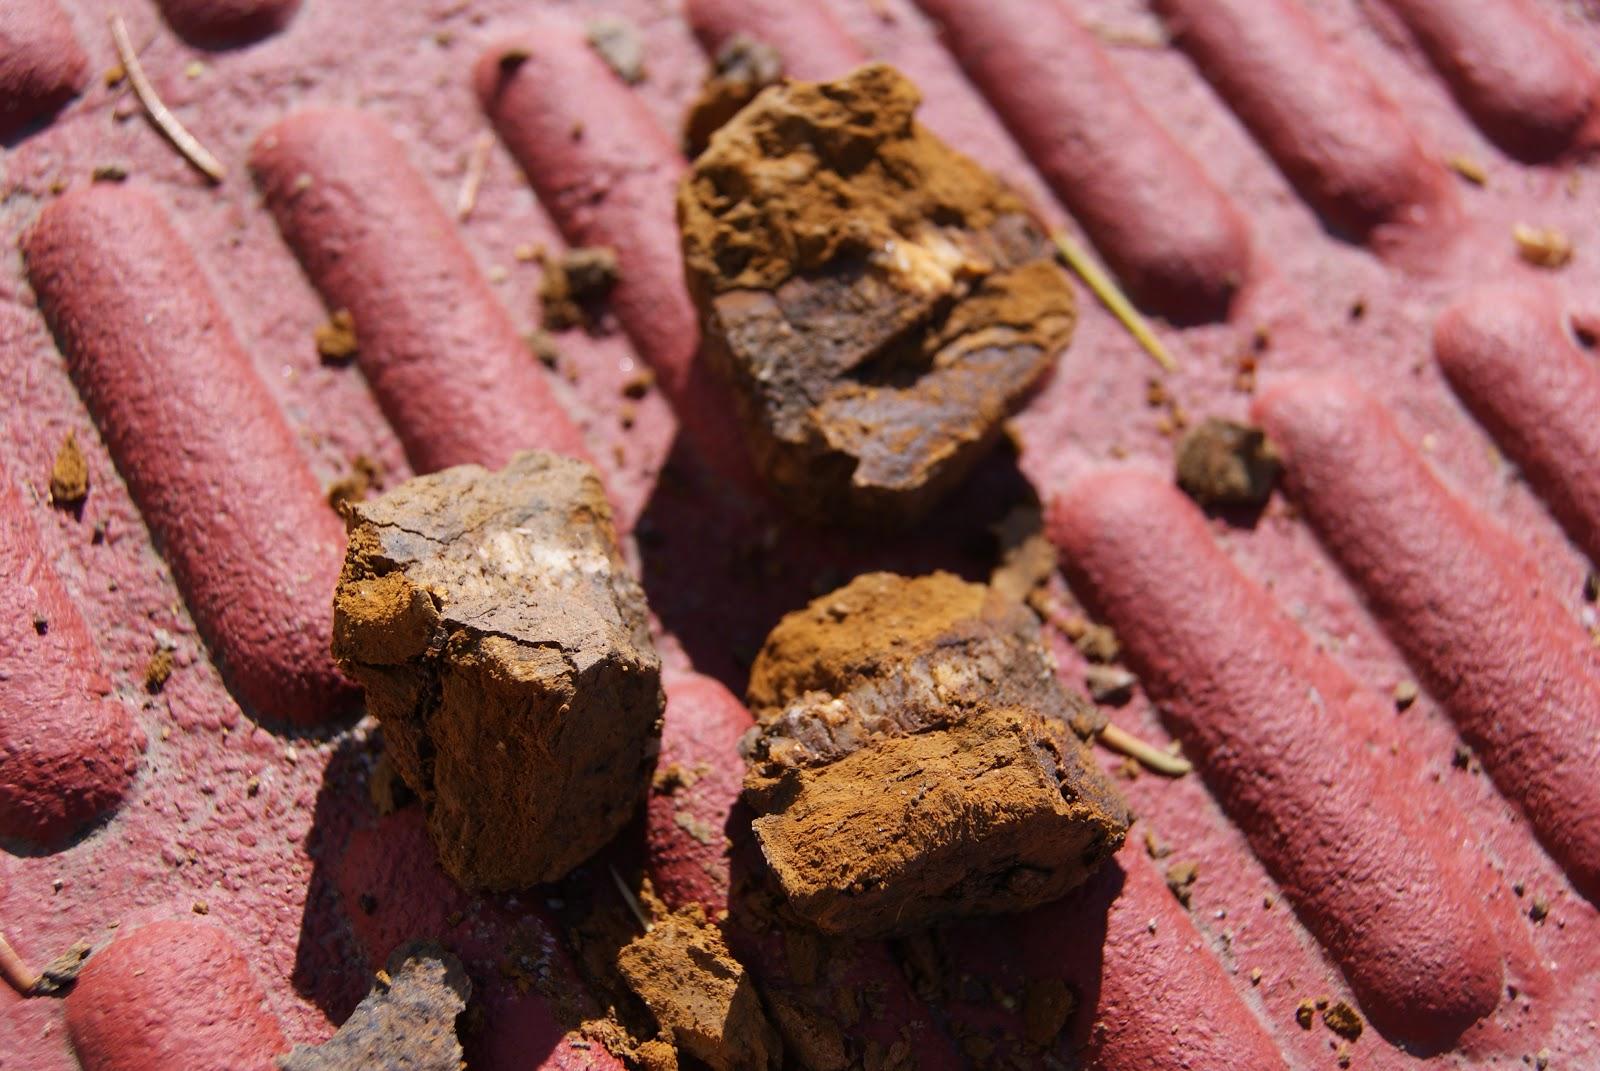 Una roca que se puede rallar con la uña indica que es facilmente degradable